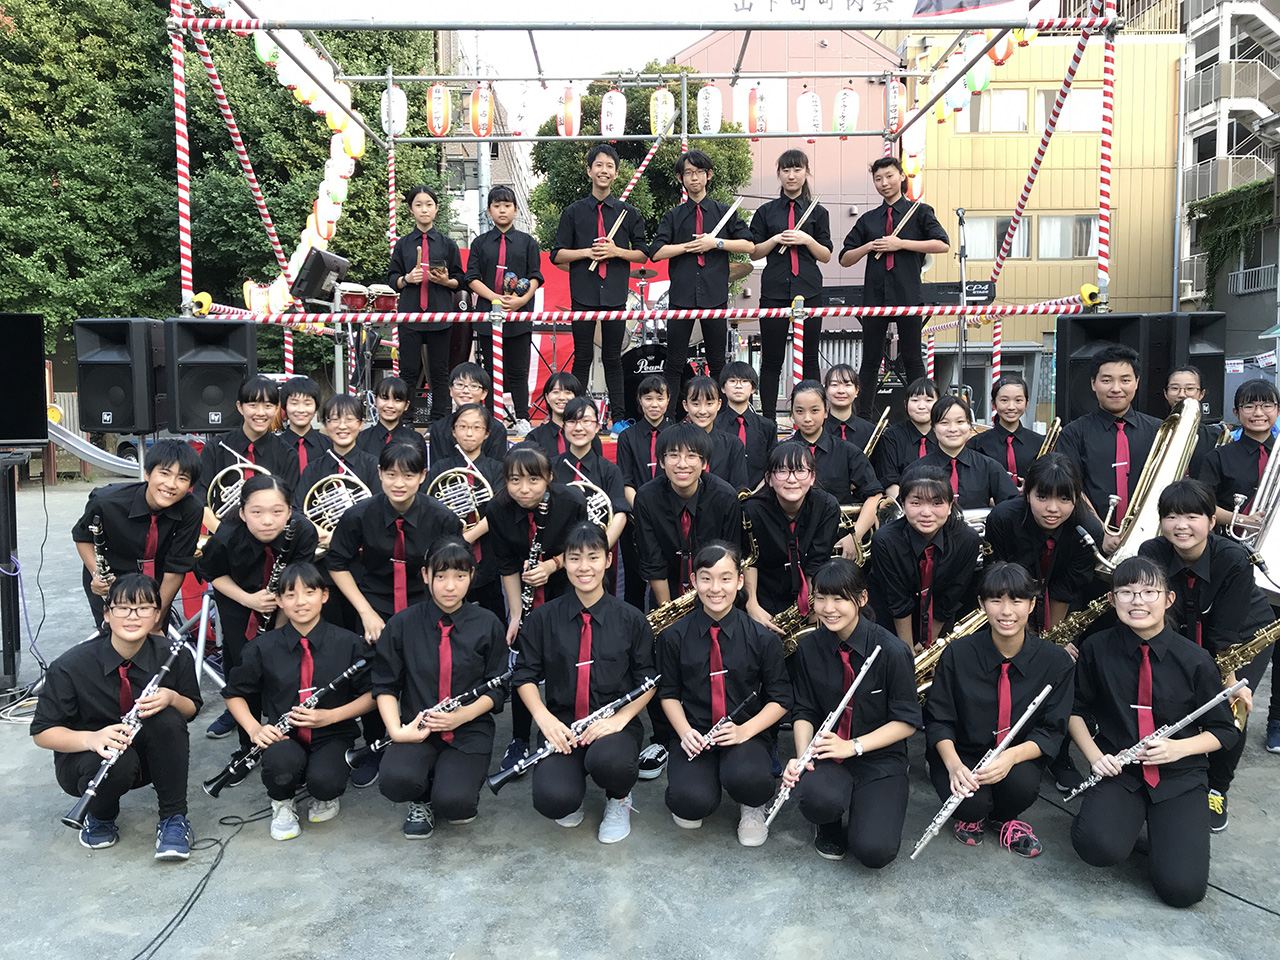 横浜市立港中学校吹奏楽部 Marching Jazz Band